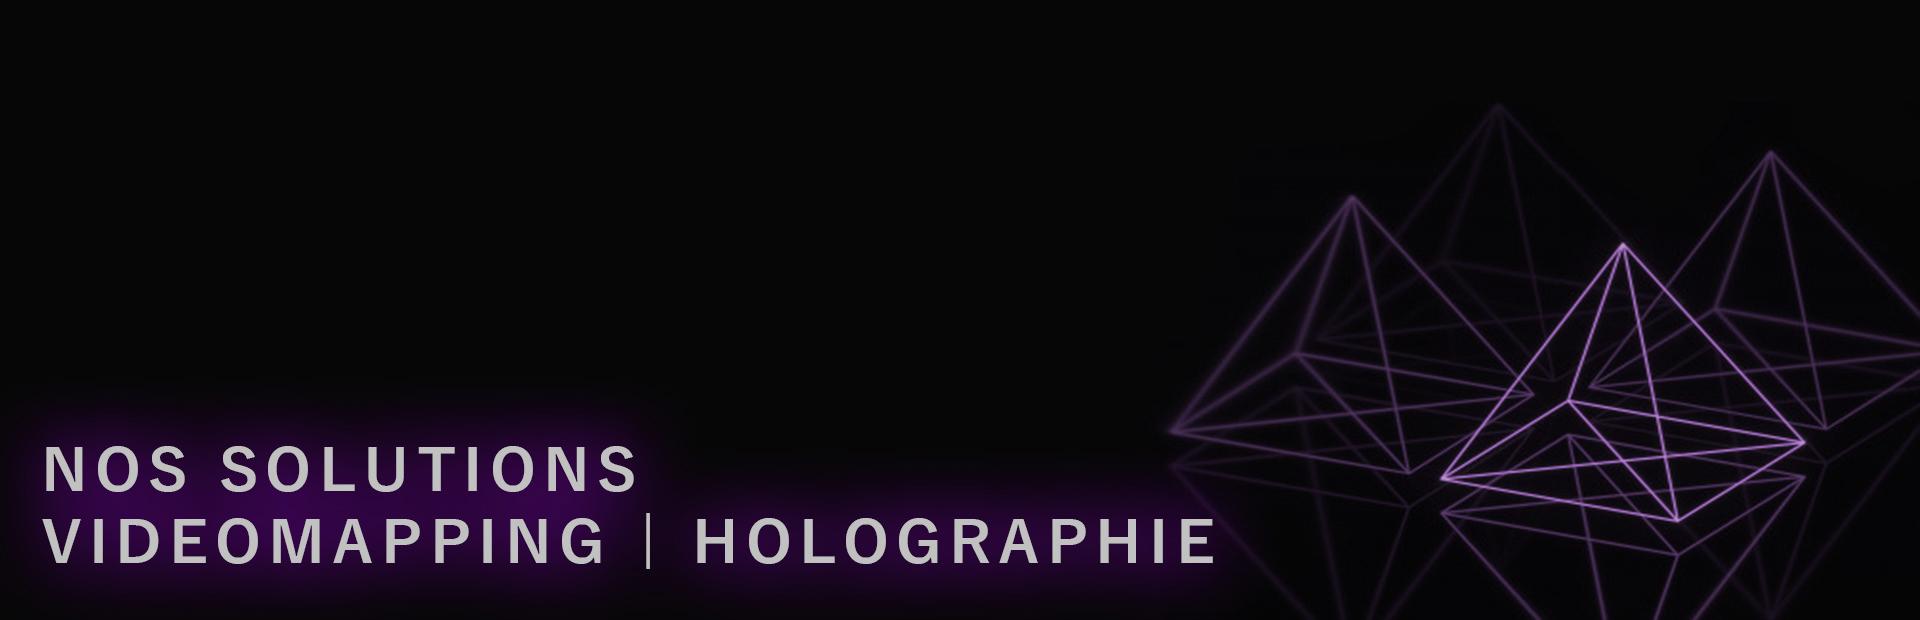 studio réalité virtuelle holographie videmapping